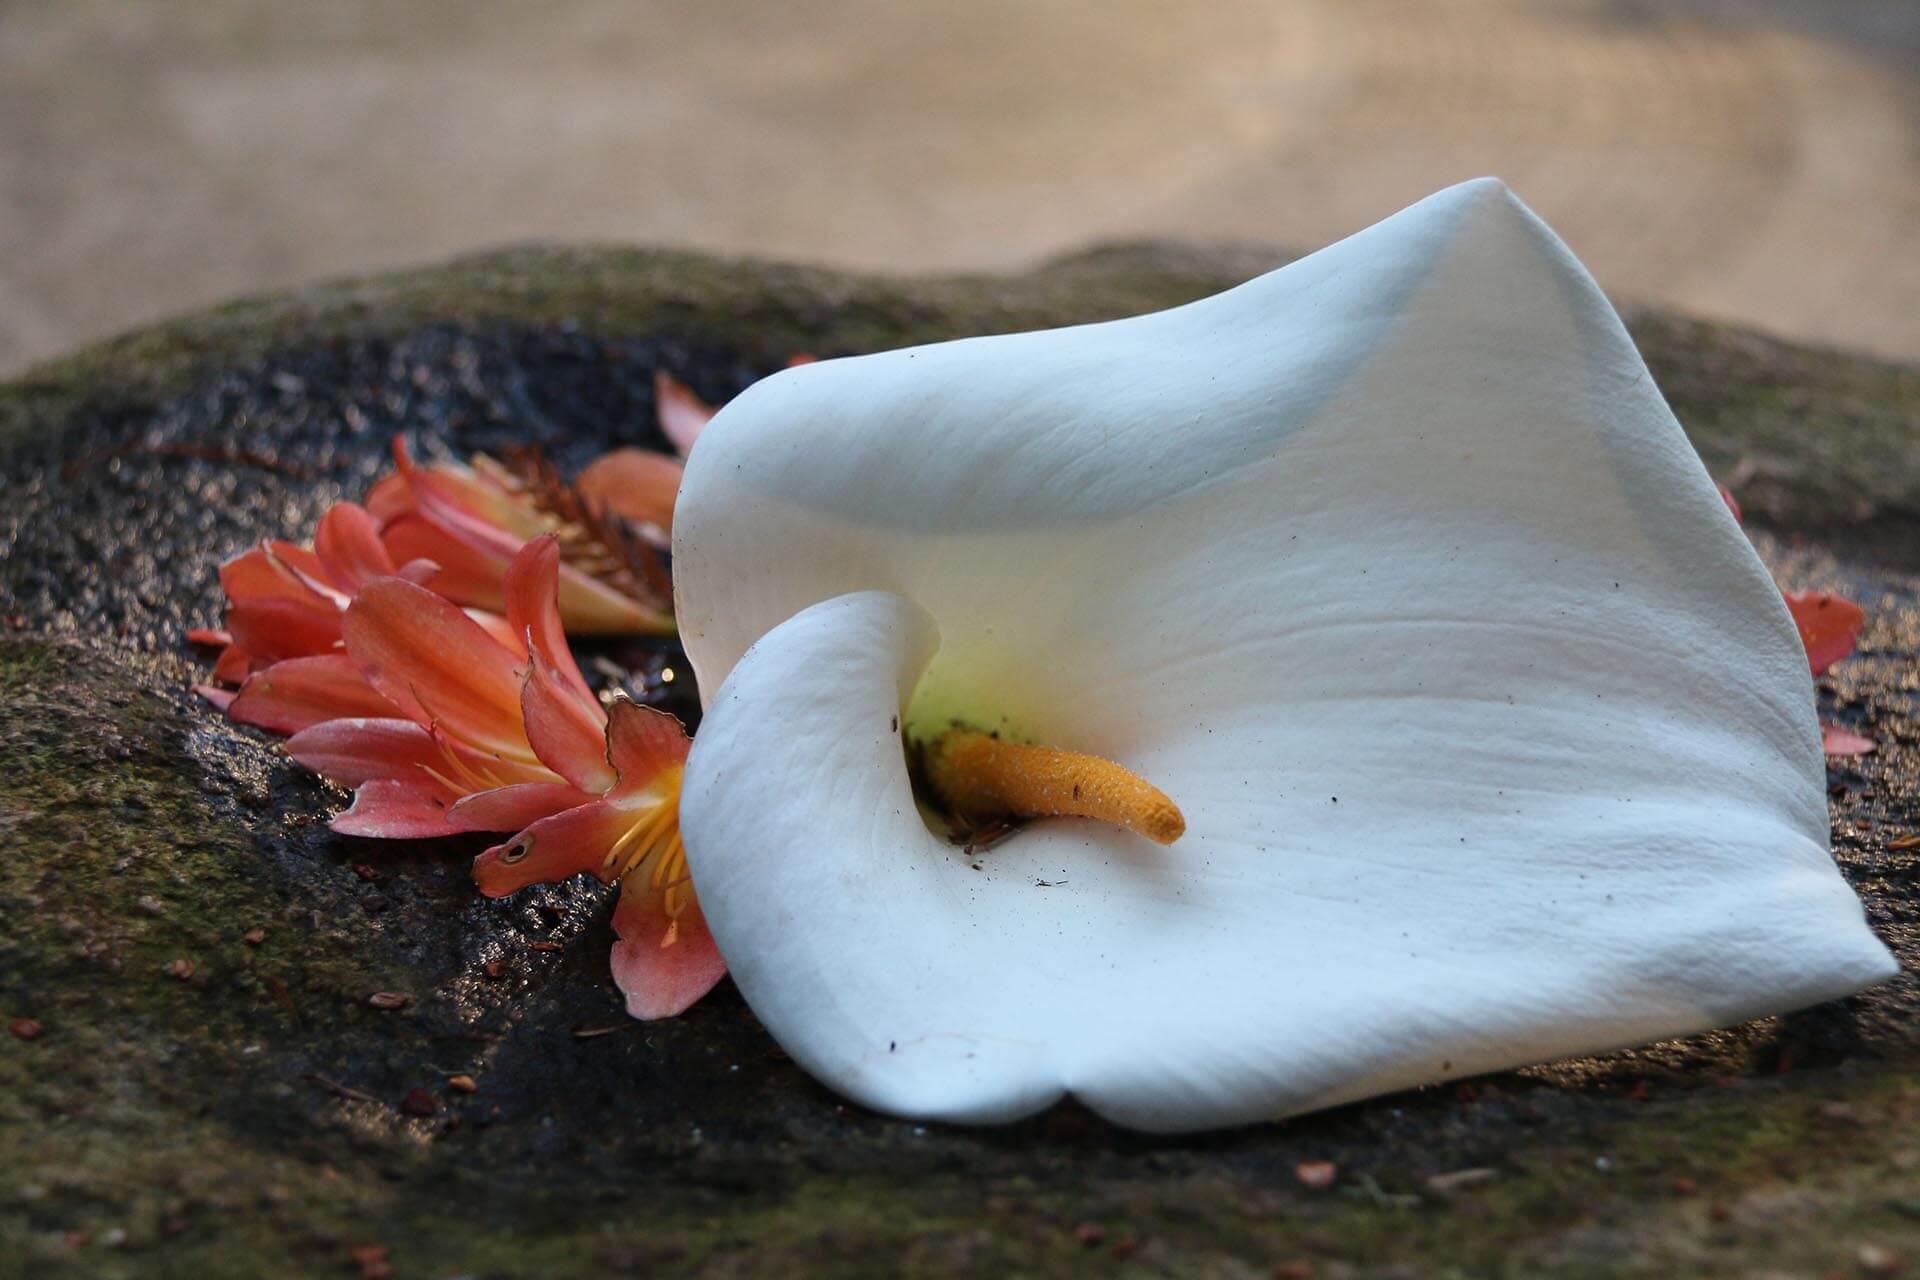 A Flower John Luhr Photography